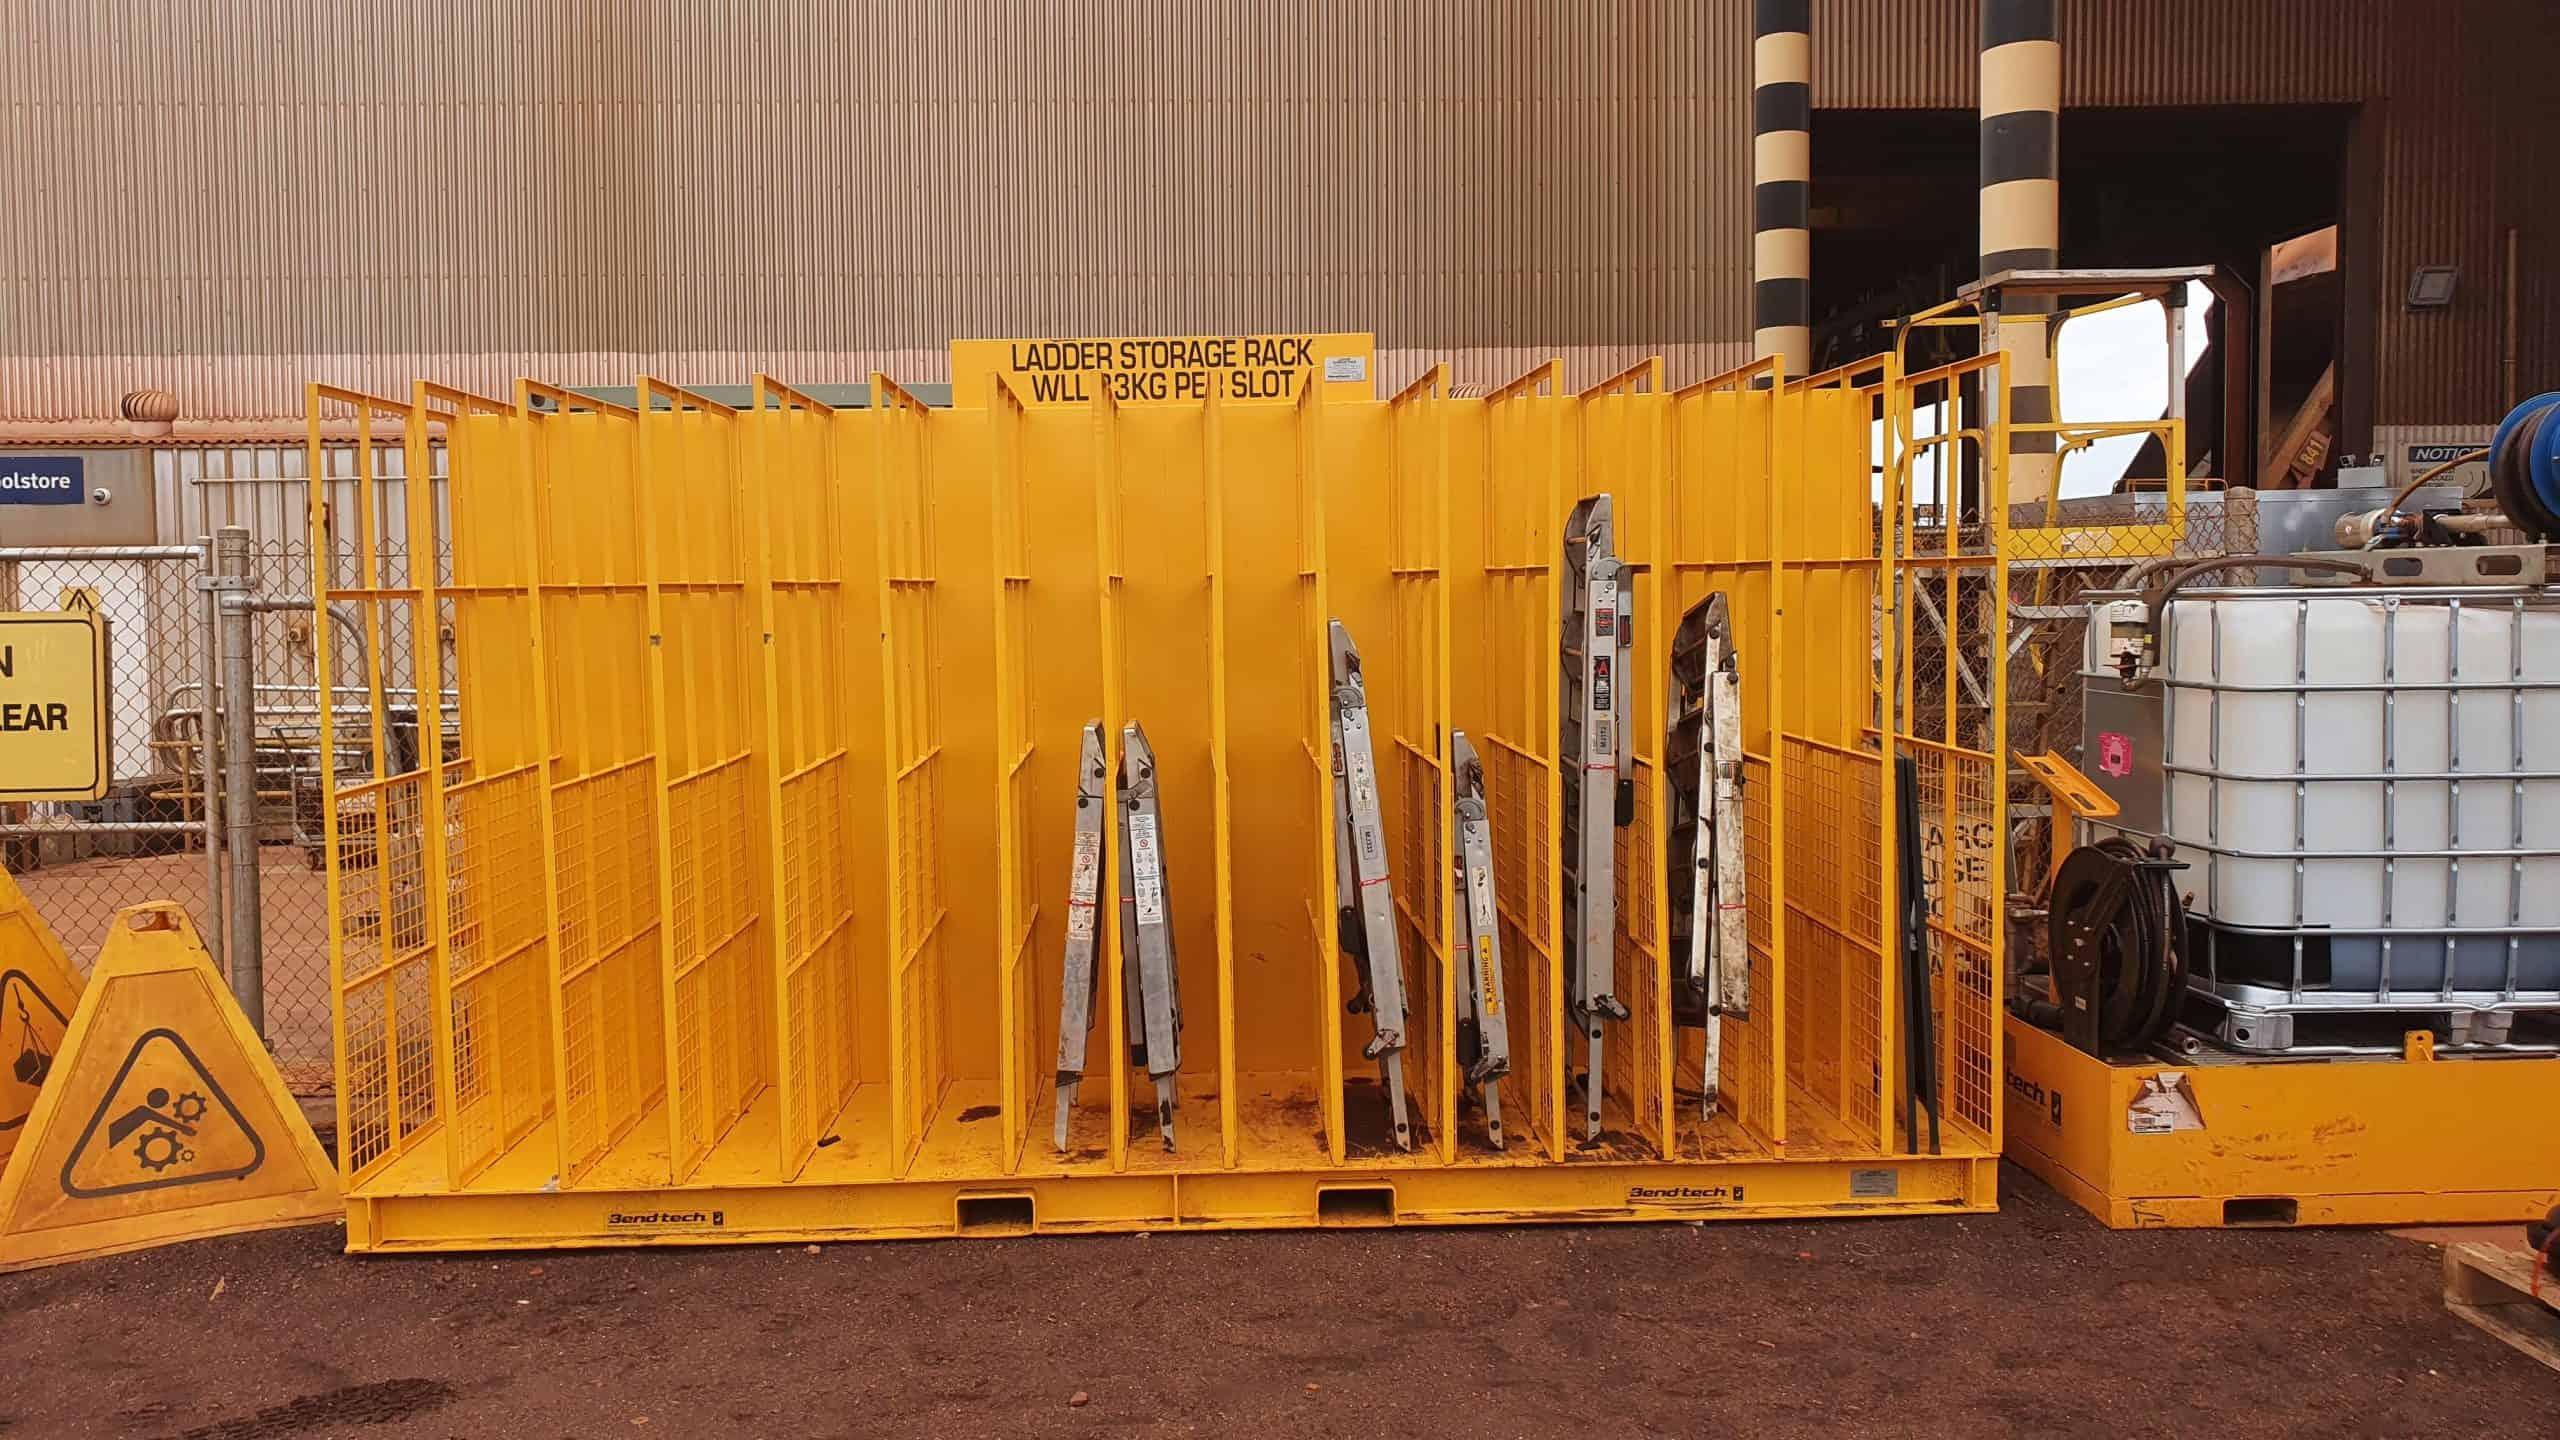 Ladder Storage Rack 1